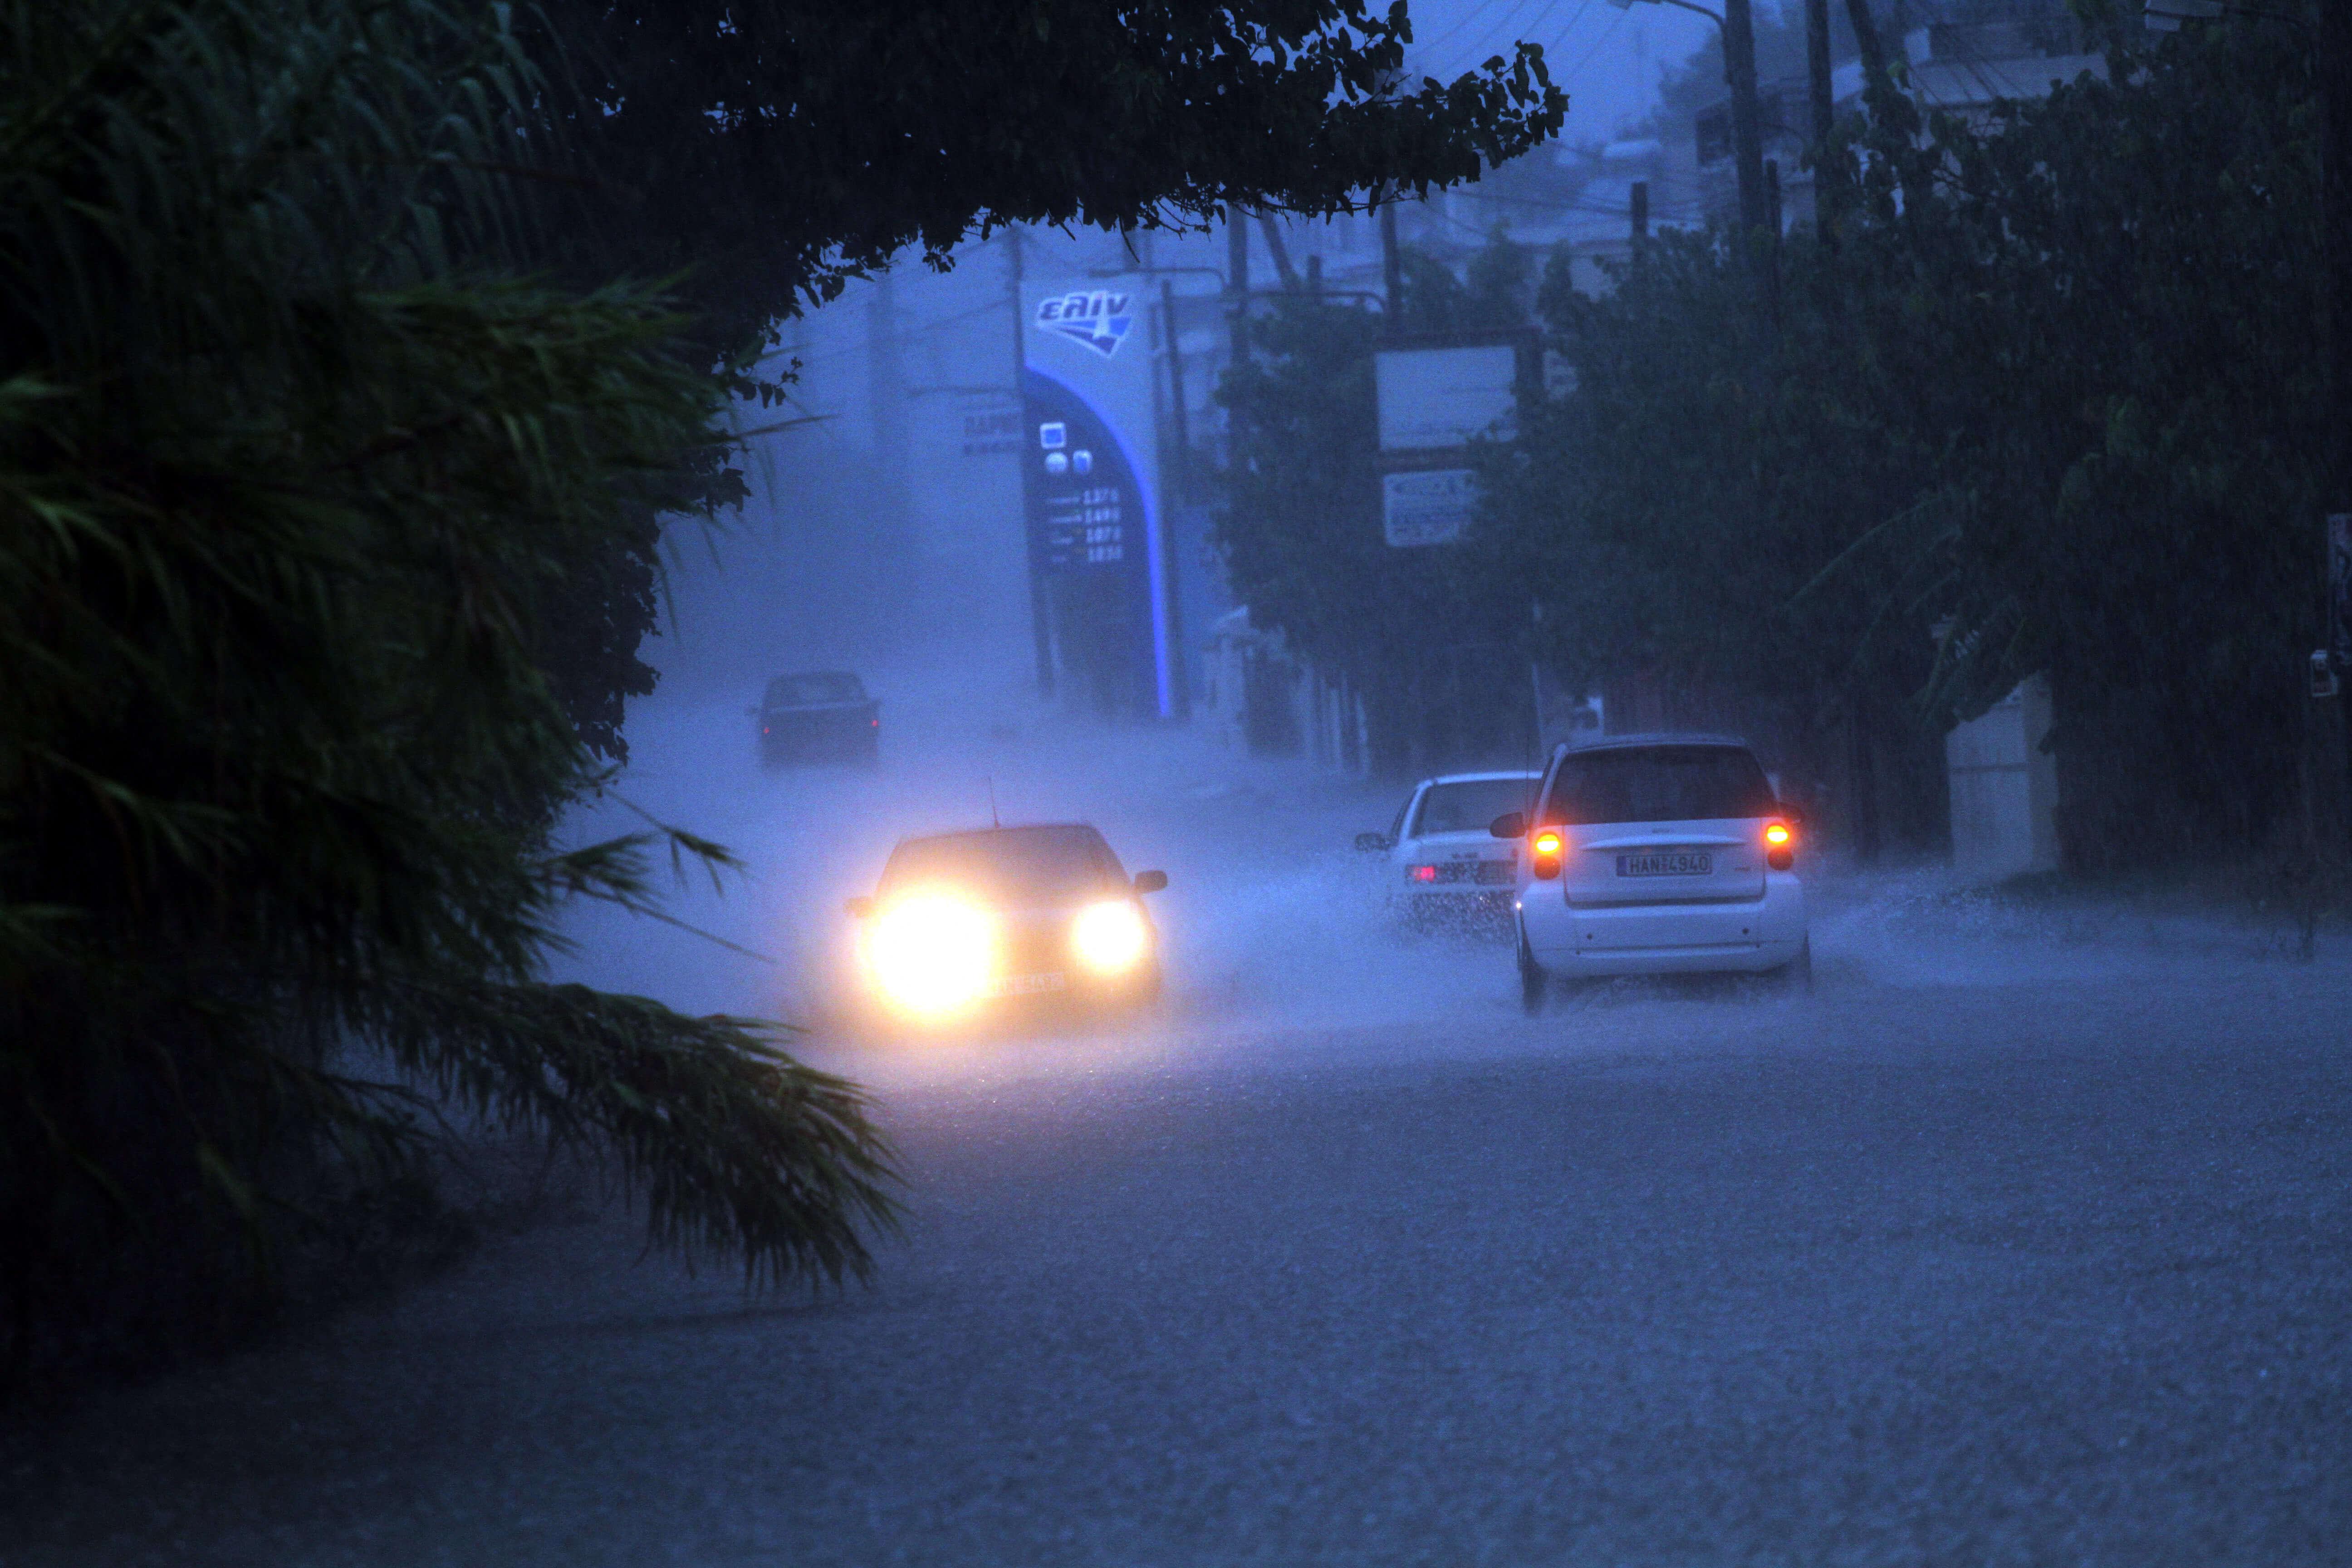 Καιρός: Καταιγίδες, χαλάζι και… λάσπη – Που θα χτυπήσει η κακοκαιρία